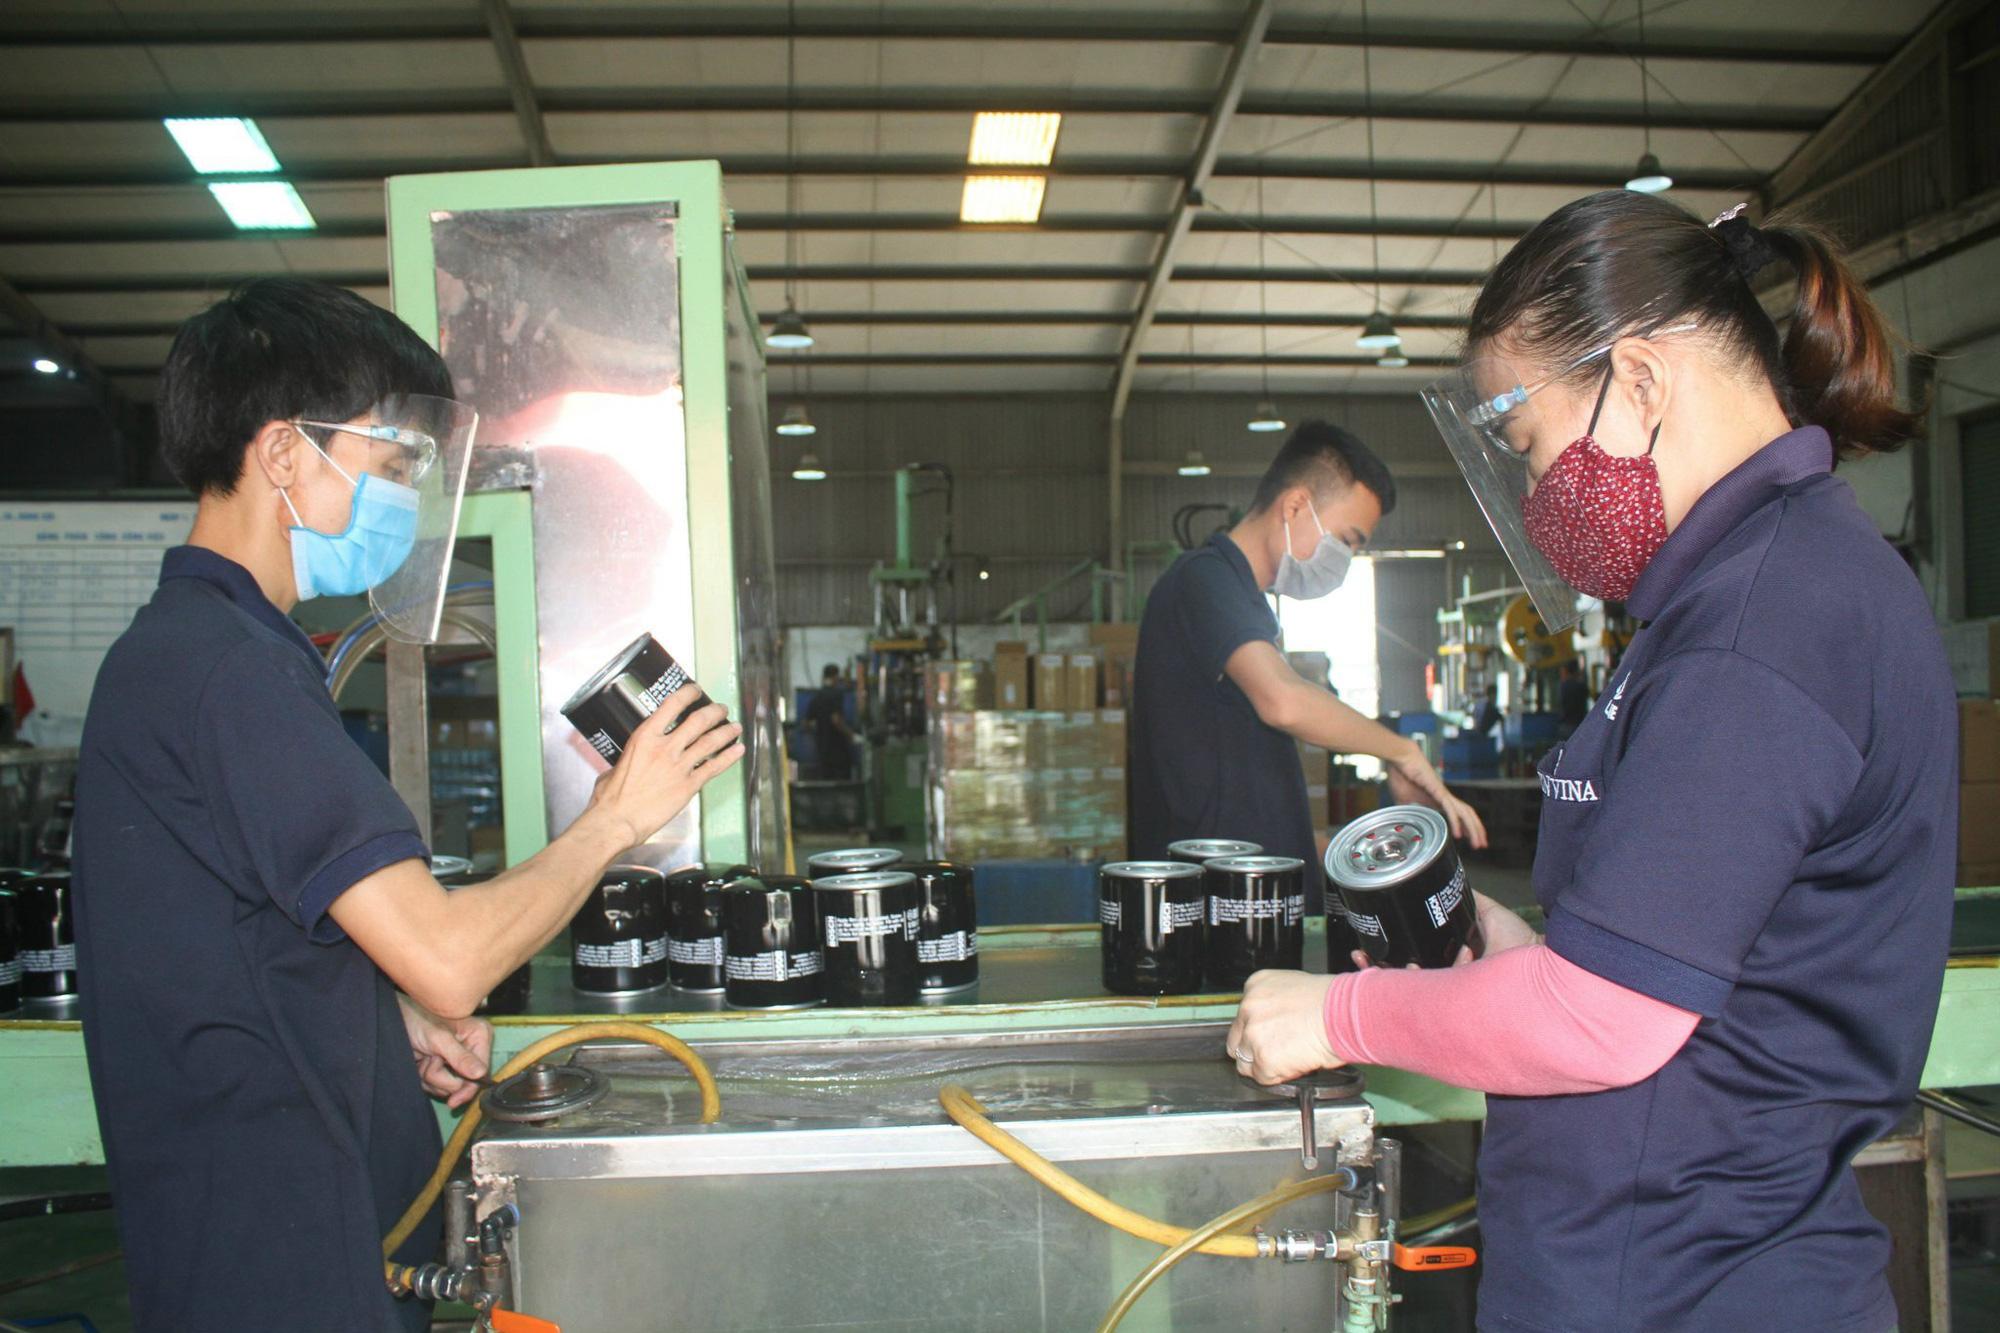 Quảng Bình: Giải quyết trợ cấp Bảo hiểm thất nghiệp cho 1.055 lao động trong quý III